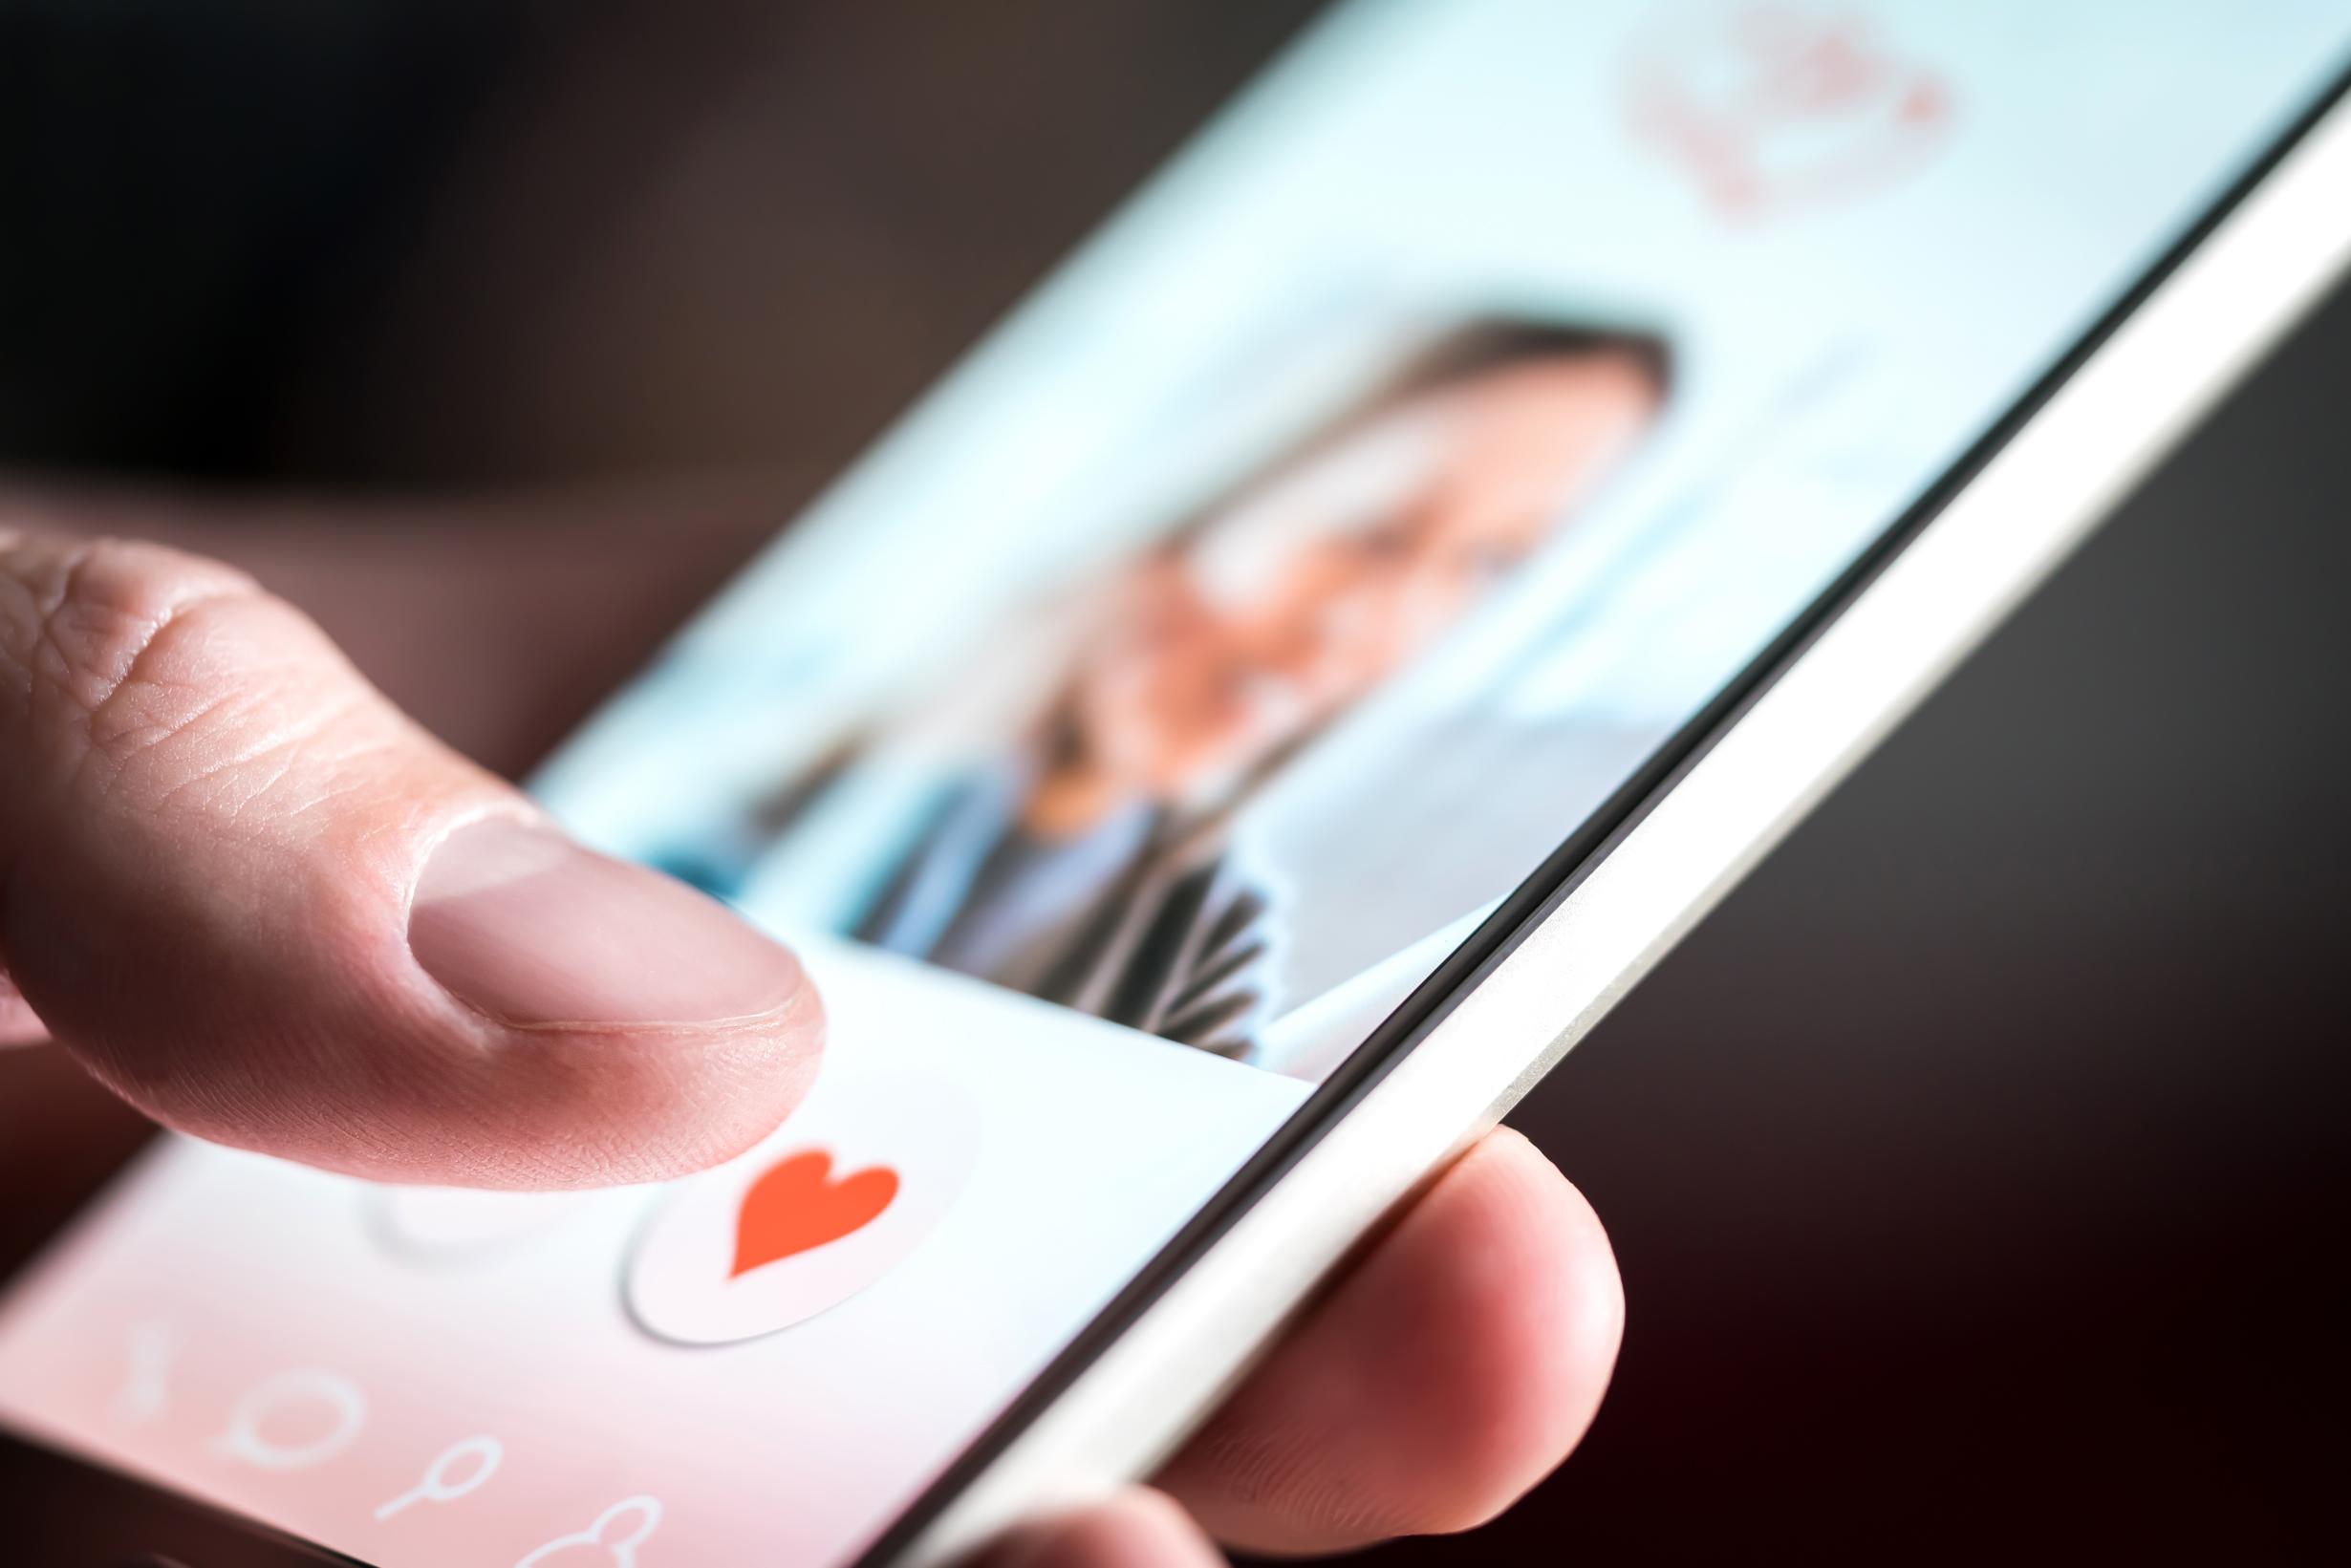 Vett och etikett när det kommer till online dating